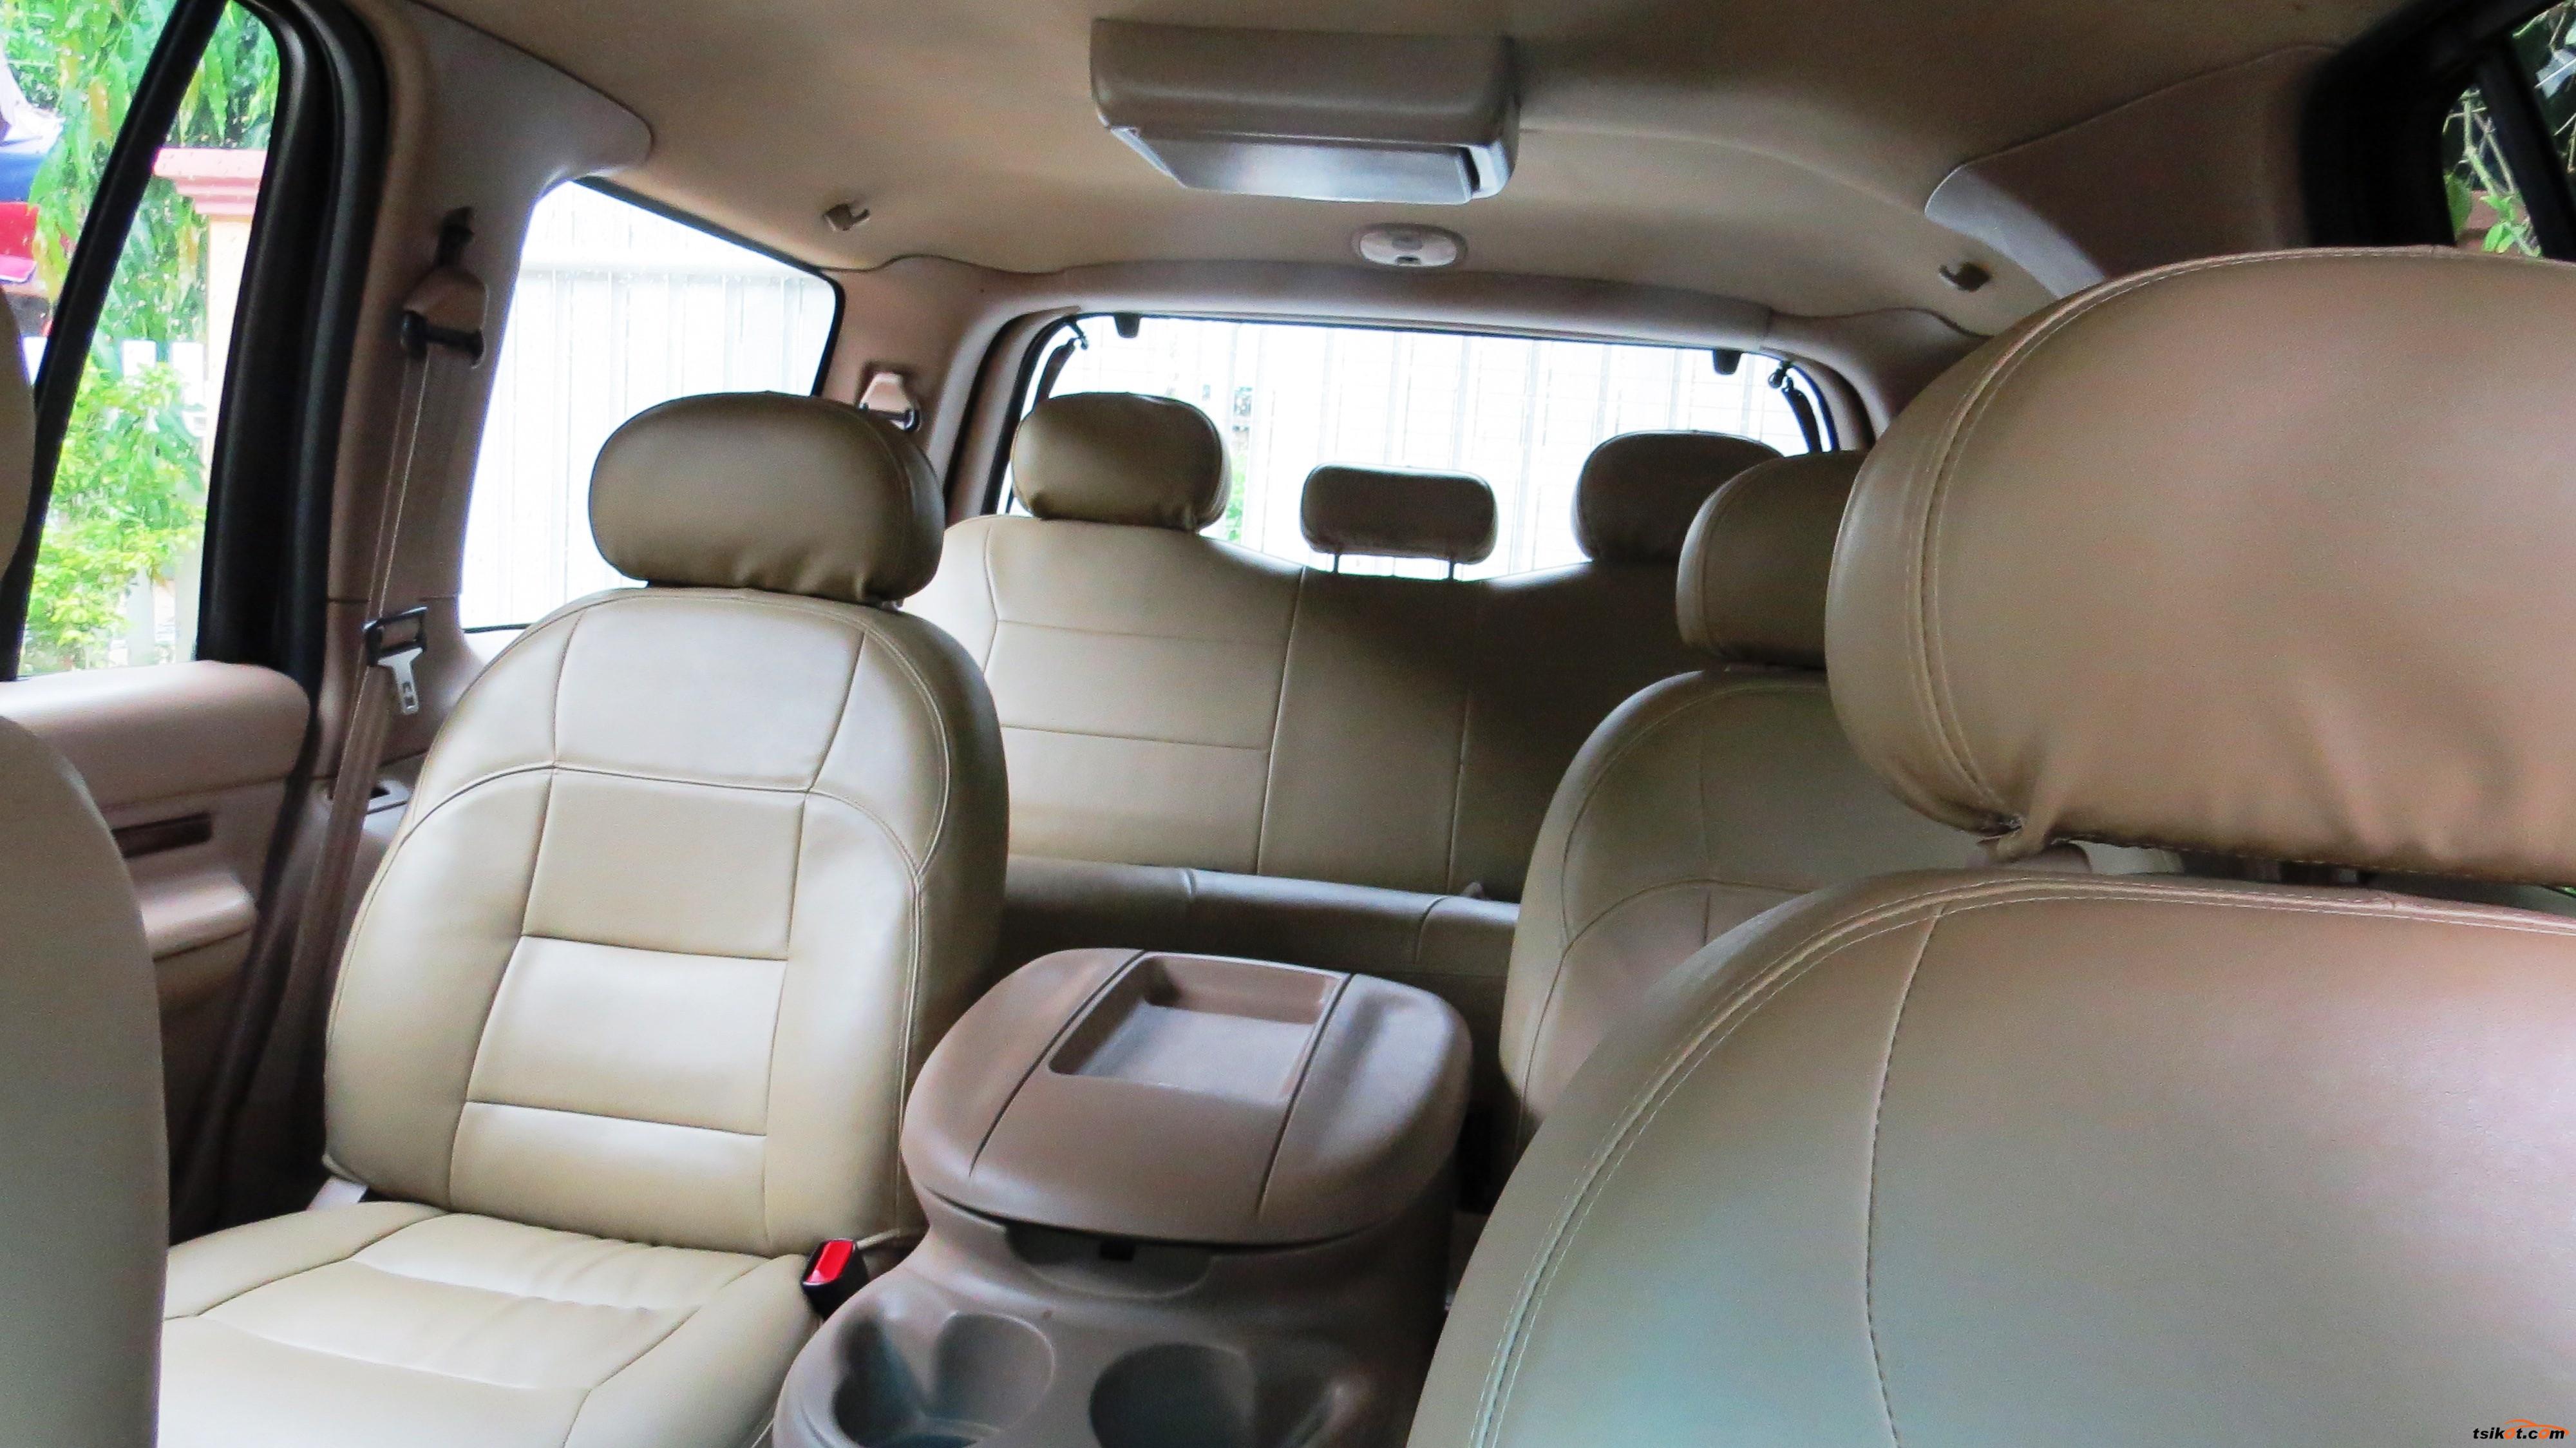 Lincoln Navigator 2001 - 4